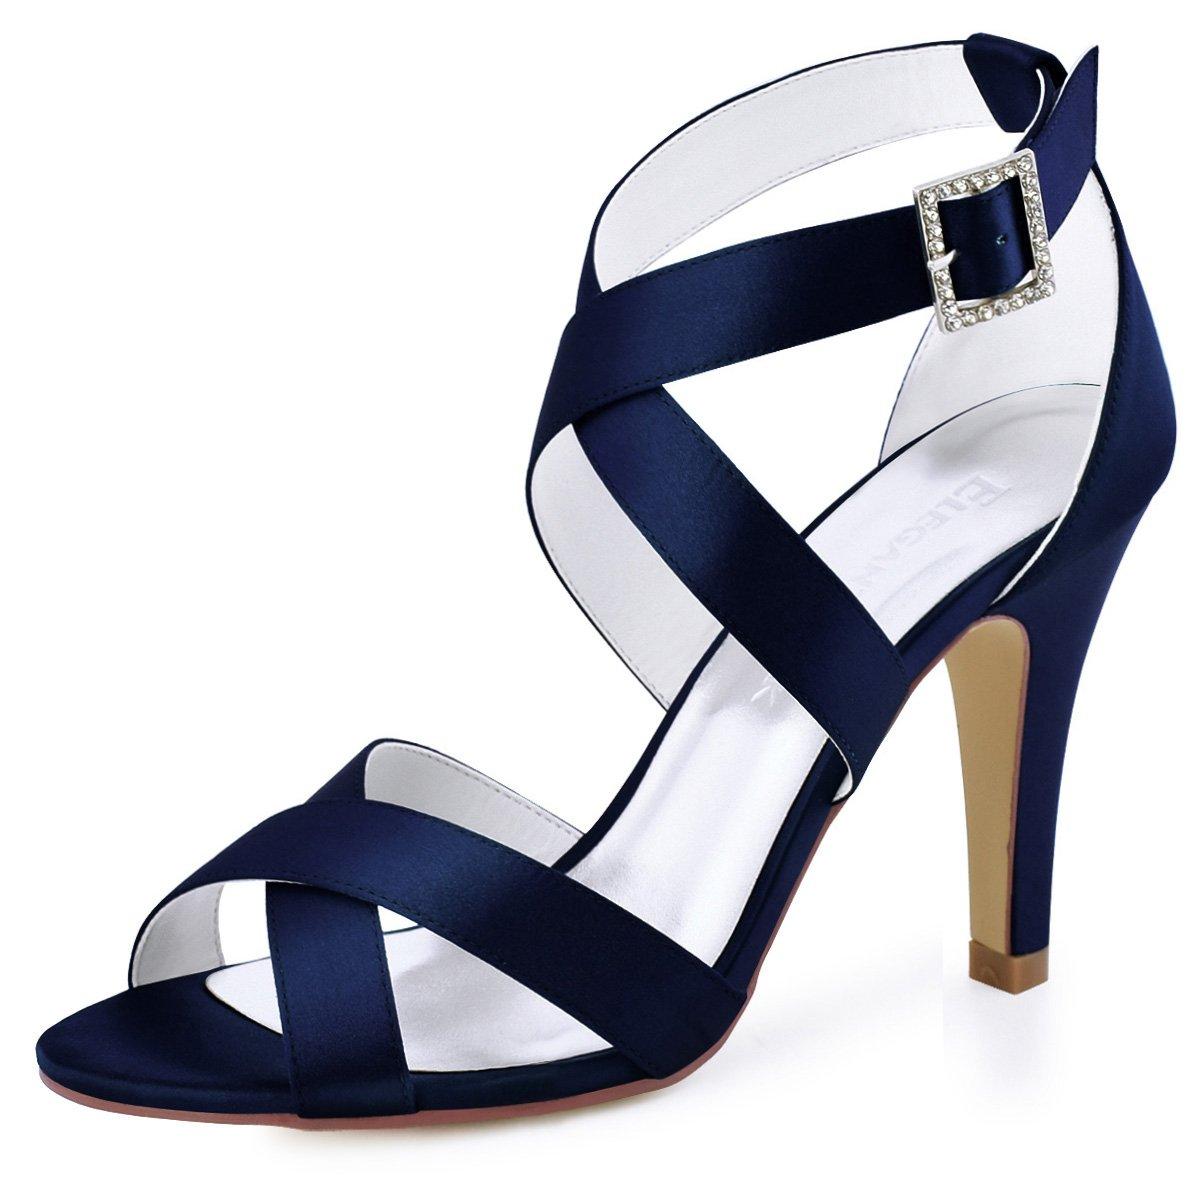 Elegantpark HP1705 Femmes Bleu Peep Toe Sandales Hauts Marin à Lanières à Talons Hauts Stiletto Boucle Satin Chaussures de Mariée de Mariage Bleu Marin 0e5e6ef - boatplans.space